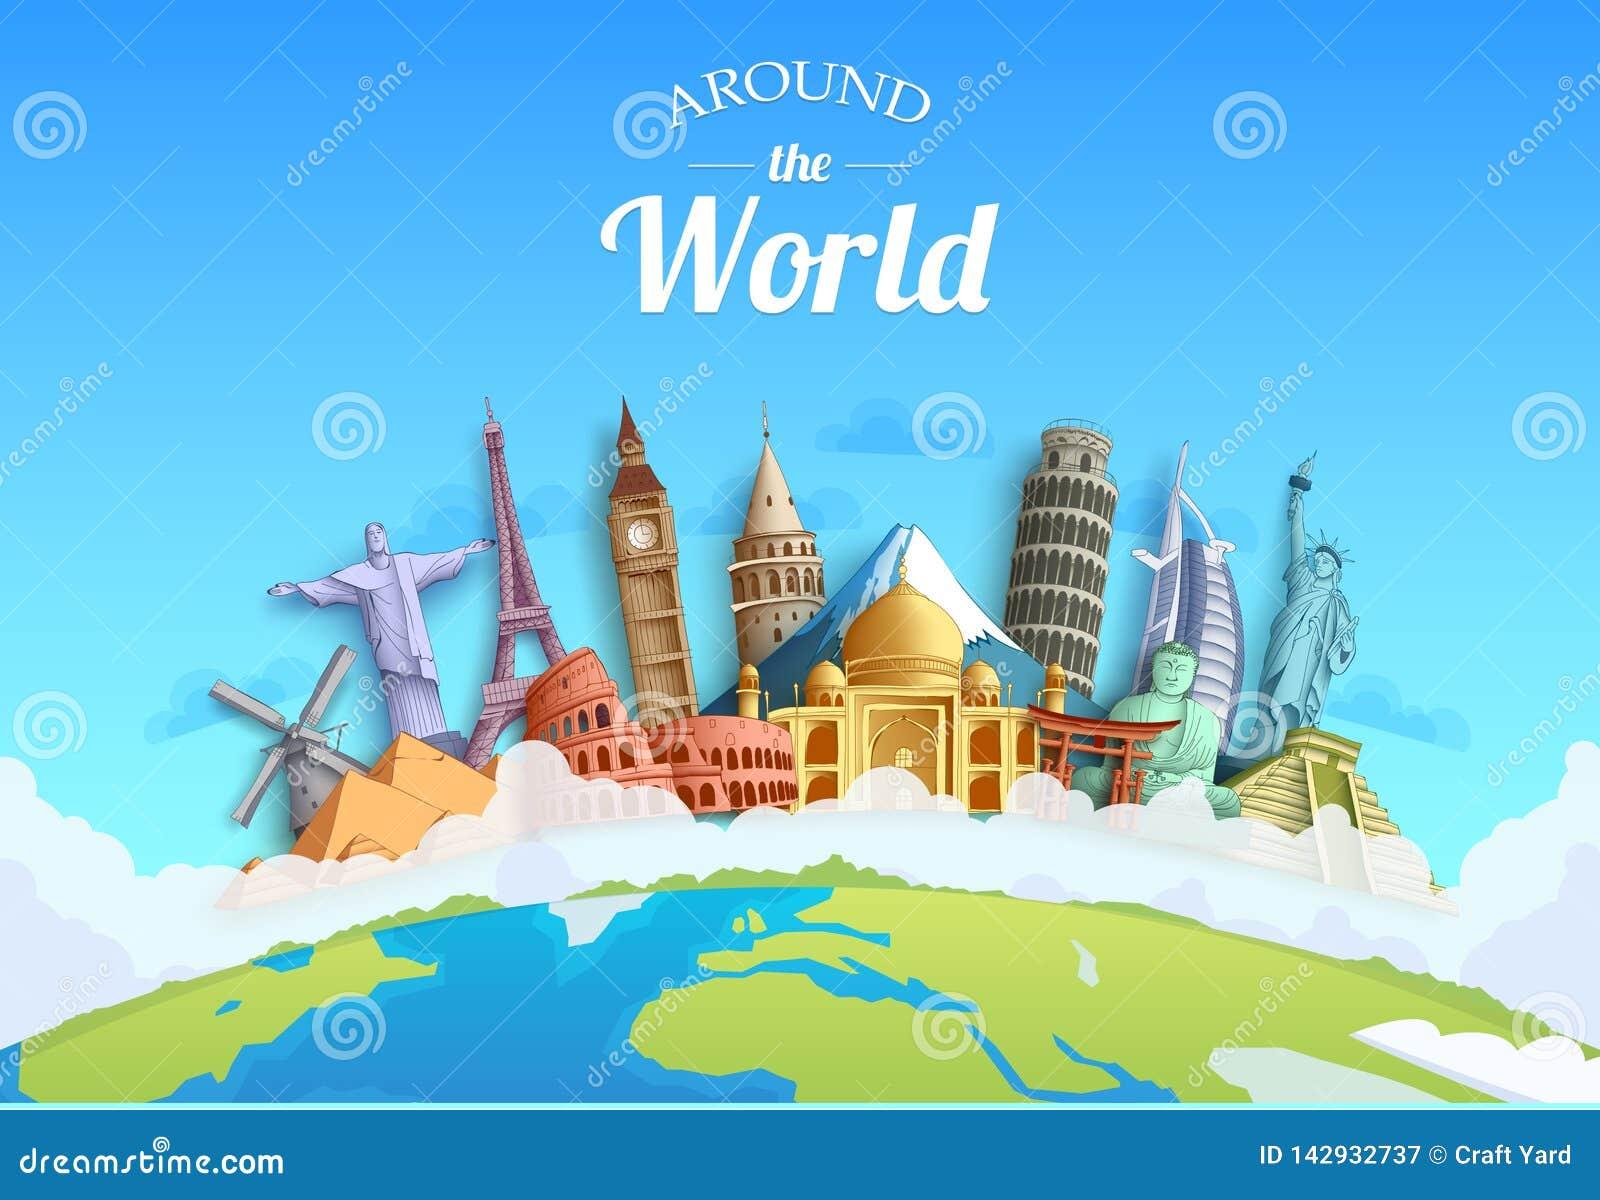 Ταξίδι γύρω από τον τόπο προορισμού ορόσημων και τουριστών σχεδίου υποβάθρου παγκόσμιας έννοιας